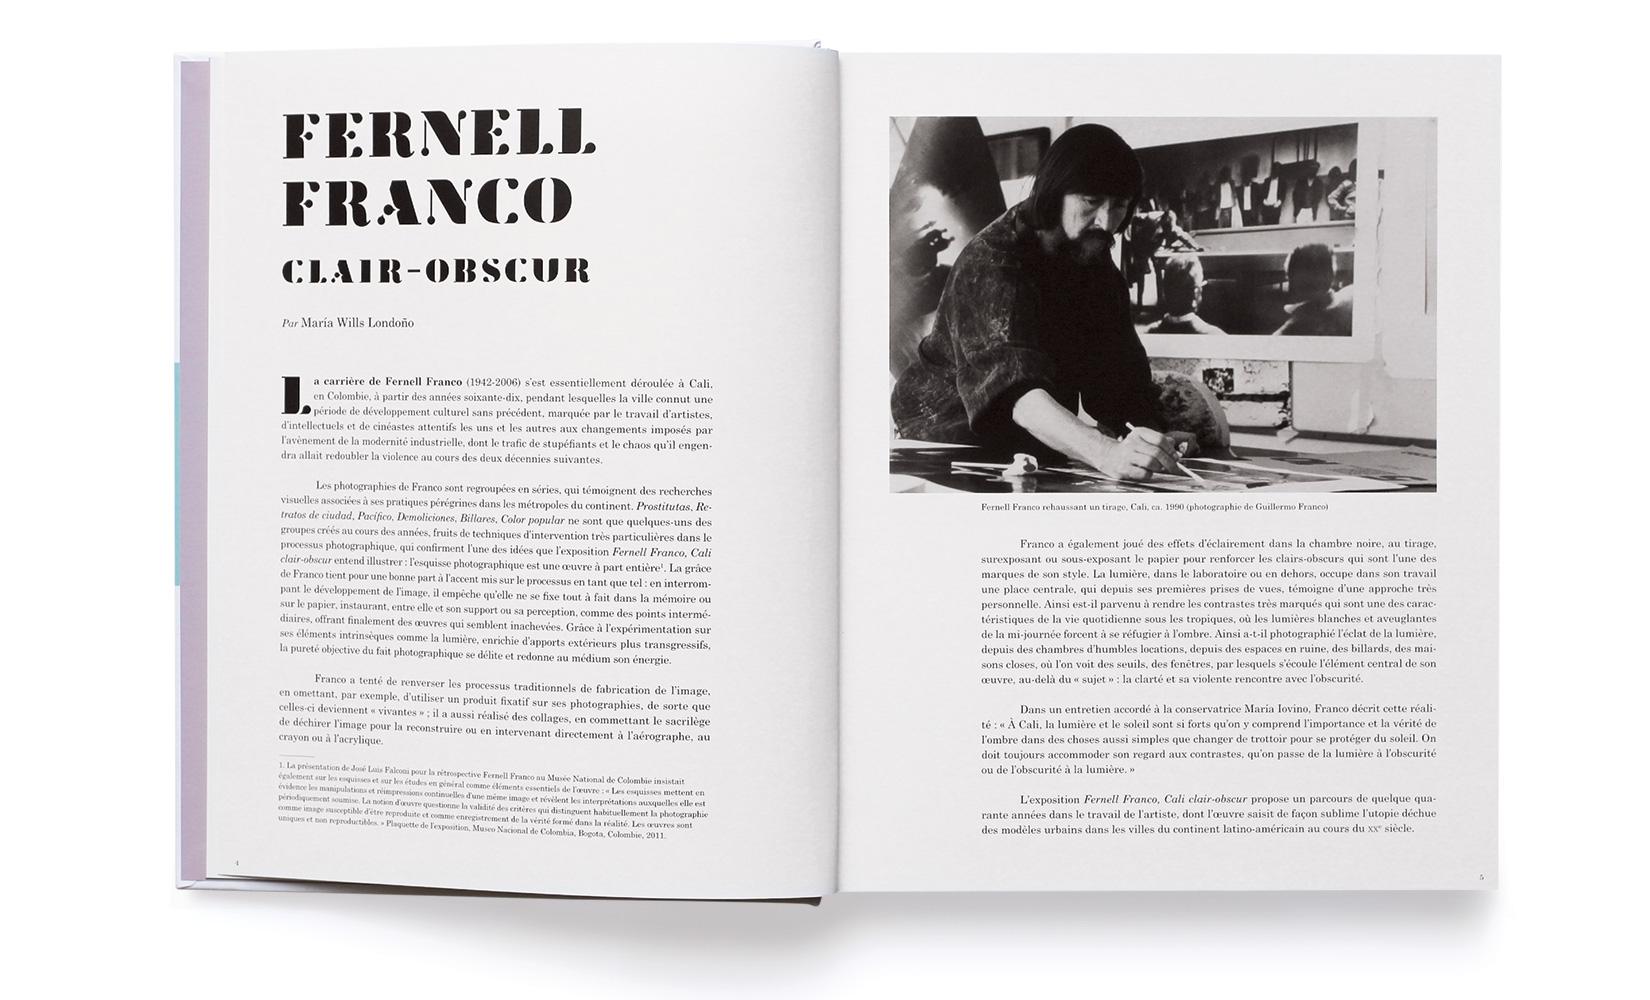 Fernell-franco-fondation-cartier-03.jpg